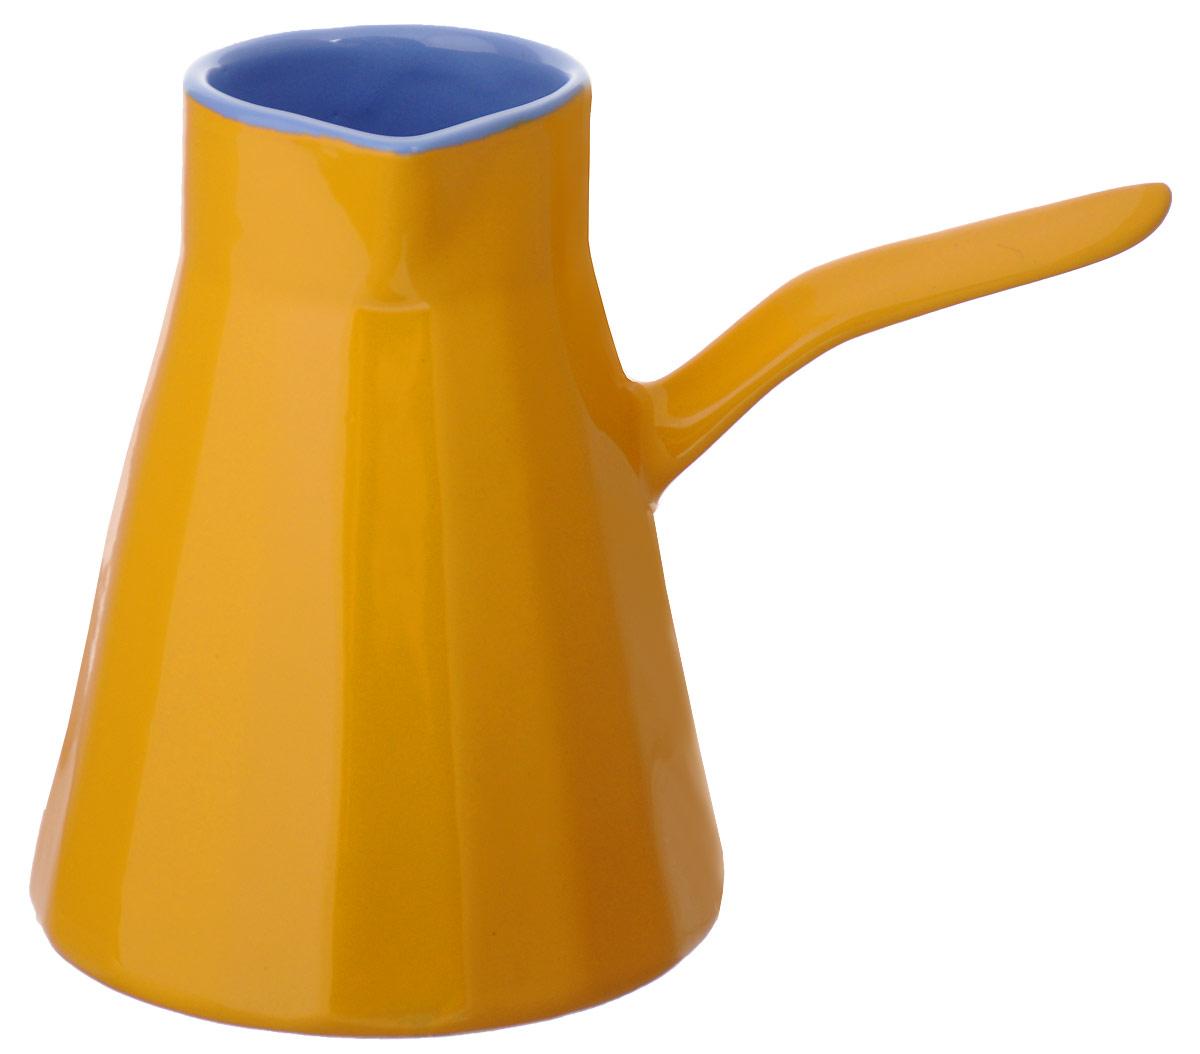 """Настоящие """"кофеманы"""" по достоинству смогут оценить турку из глины. Благодаря особой  структуре напиток в ней получается по-настоящему вкусным и благородным. В процессе варки в  полной мере раскрывается вся глубина кофейного зерна. Благодаря специальной глазировке  турка """"Ностальгия"""", не впитывает вкус и аромат кофе, позволяя варить по очереди разные сорта.  Толстые стенки продлевают кипение напитка, даже когда его снимают с огня. Двойной обжиг  повышает прочность изделия, значительно продляя срок его службы. """"Правильная"""" форма с  широким донышком и узкой горловиной с блеском сохраняет аромат кофе, а коническая форма  позволяет кофейной гуще быстрее оседать на дно.  Изделие предназначено для  использования на электрических и на газовых плитах. Диаметр горлышка: 6,5 см.  Высота стенок: 14,5 см"""